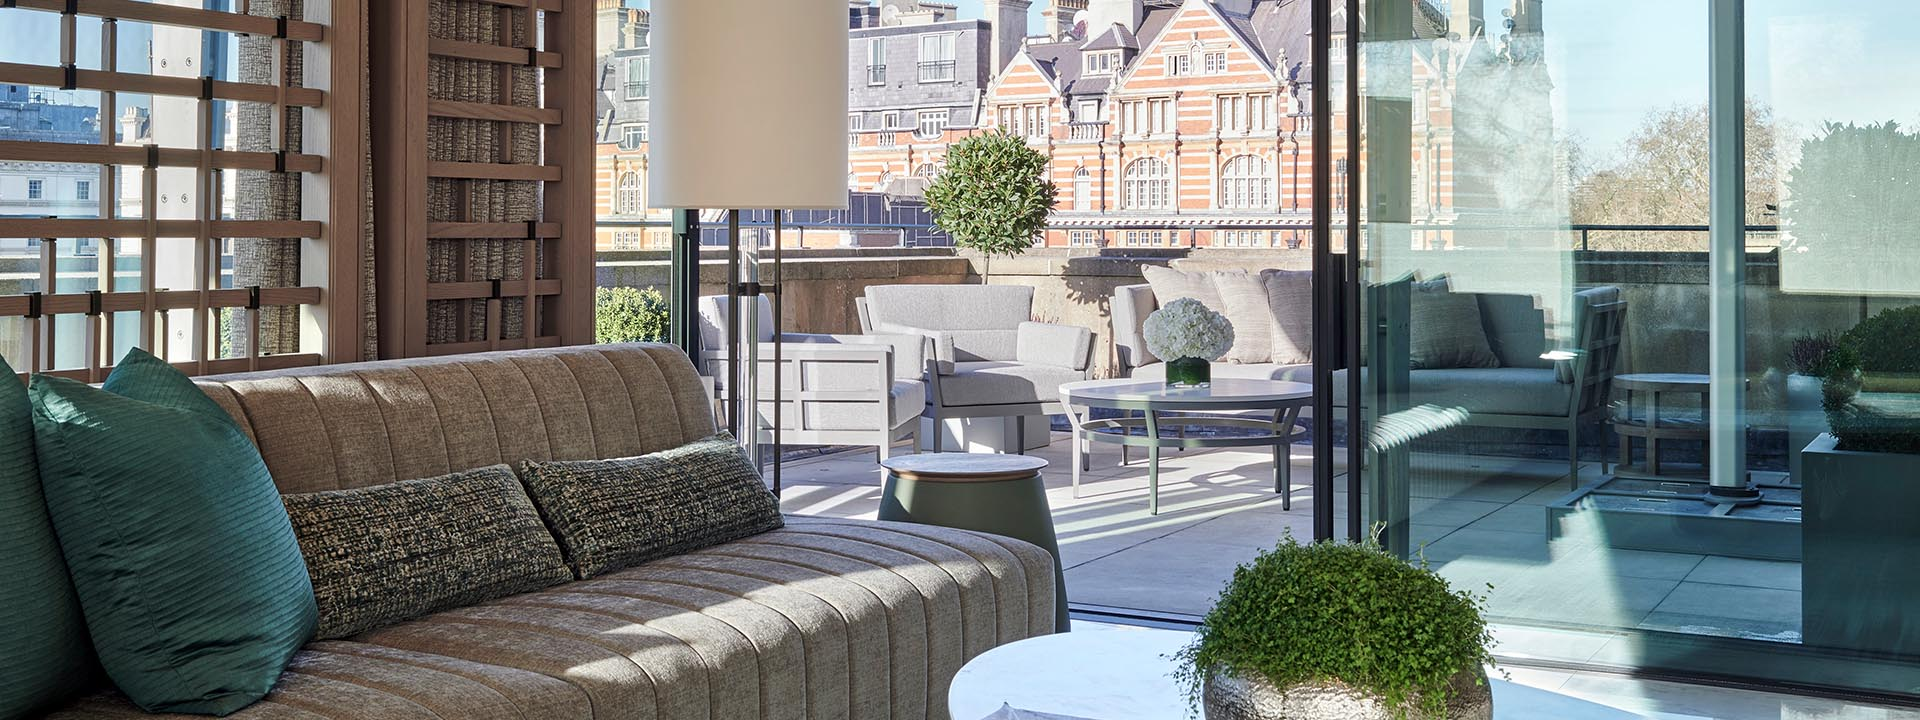 Crescent Pavilion Penthouse Terrace